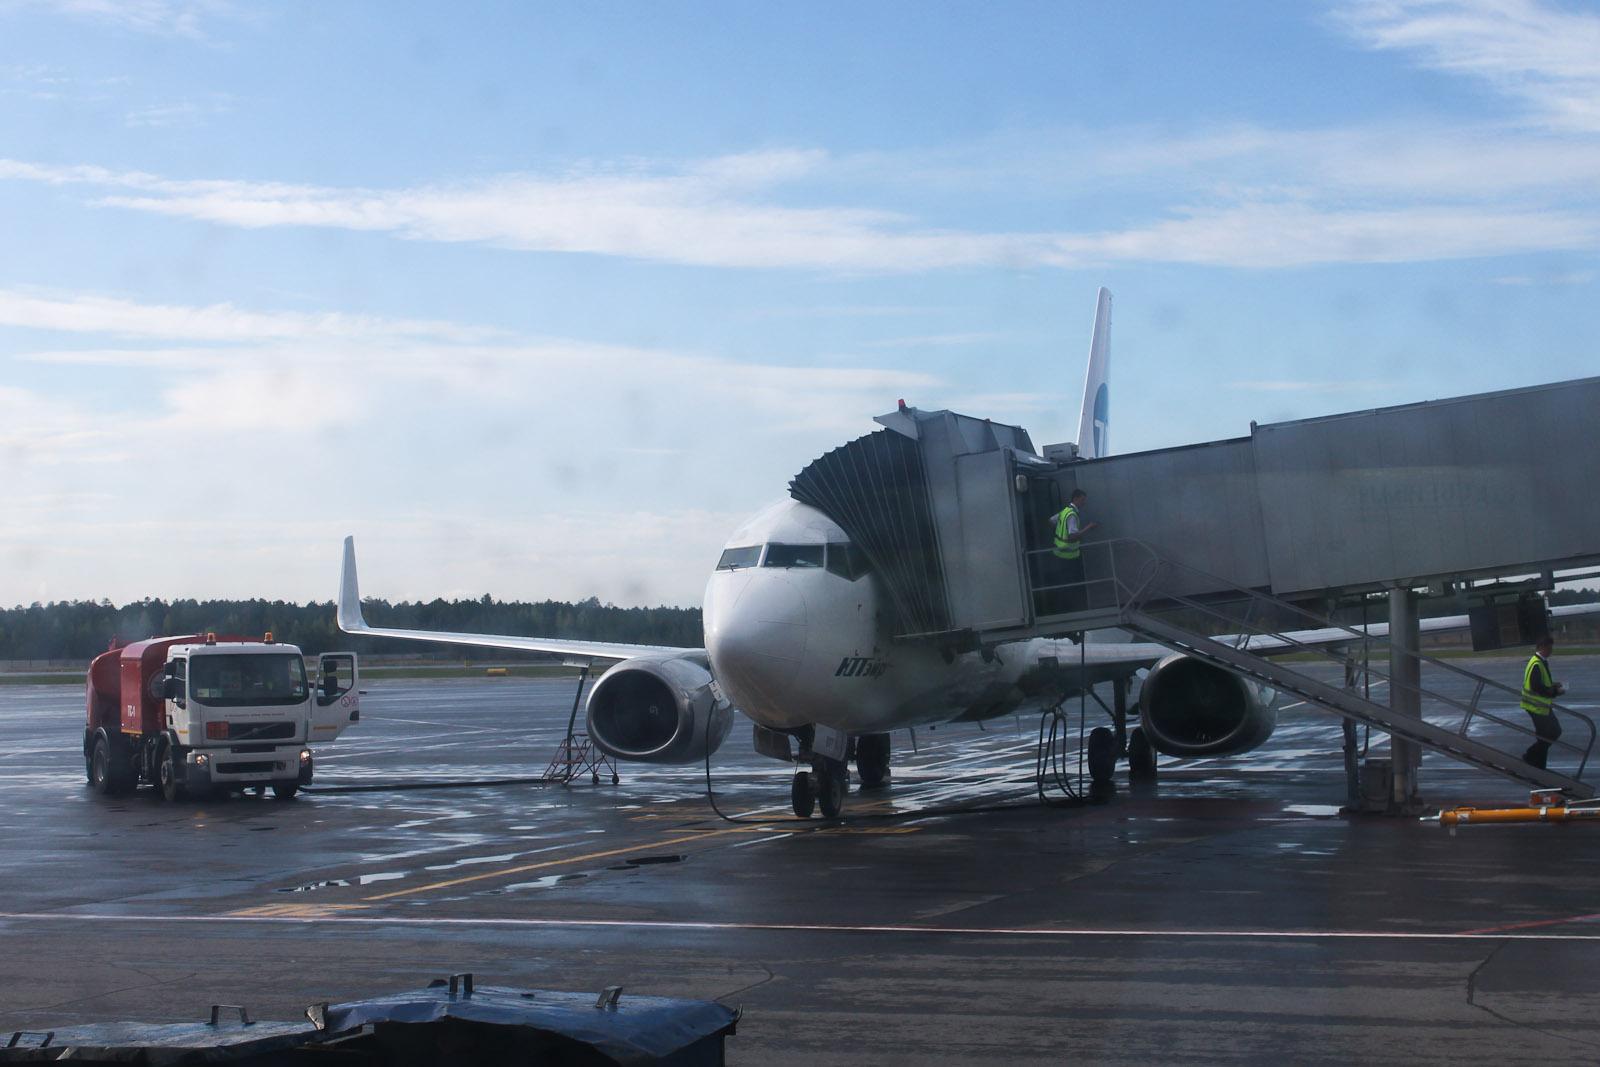 Боинг-737-500 ЮТэйр в аэропорту Сургута